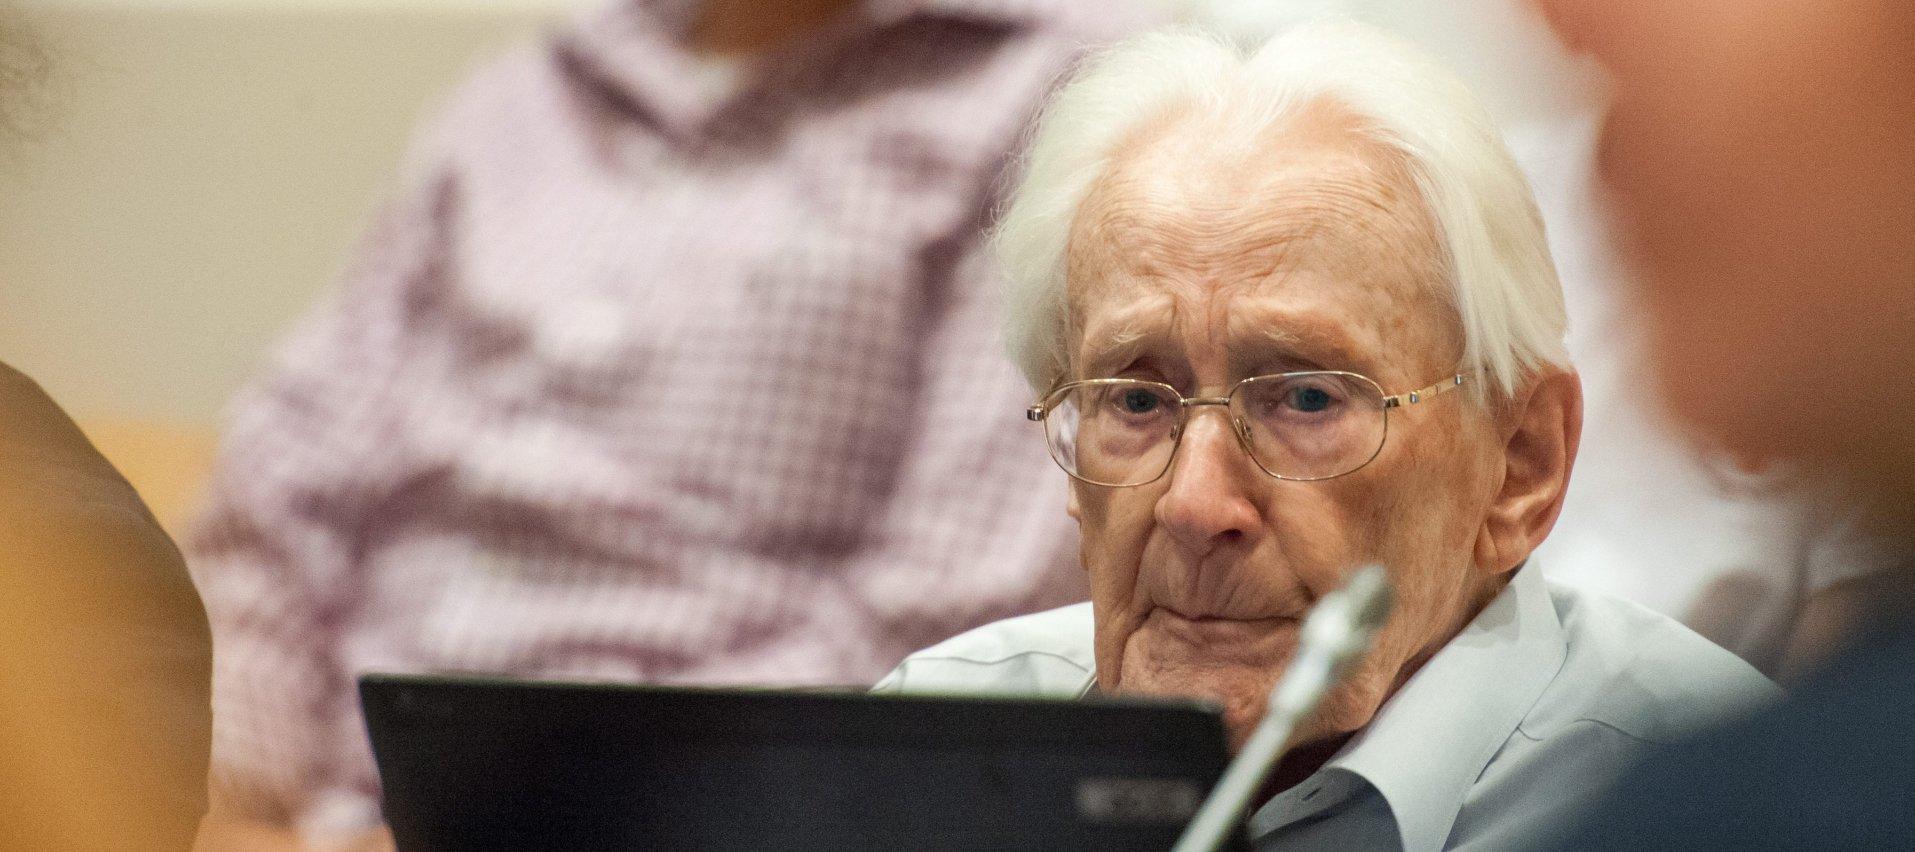 POMAGANJE HOLOKAUSTA: Suđenje bivšem računovođi iz Auschwitza